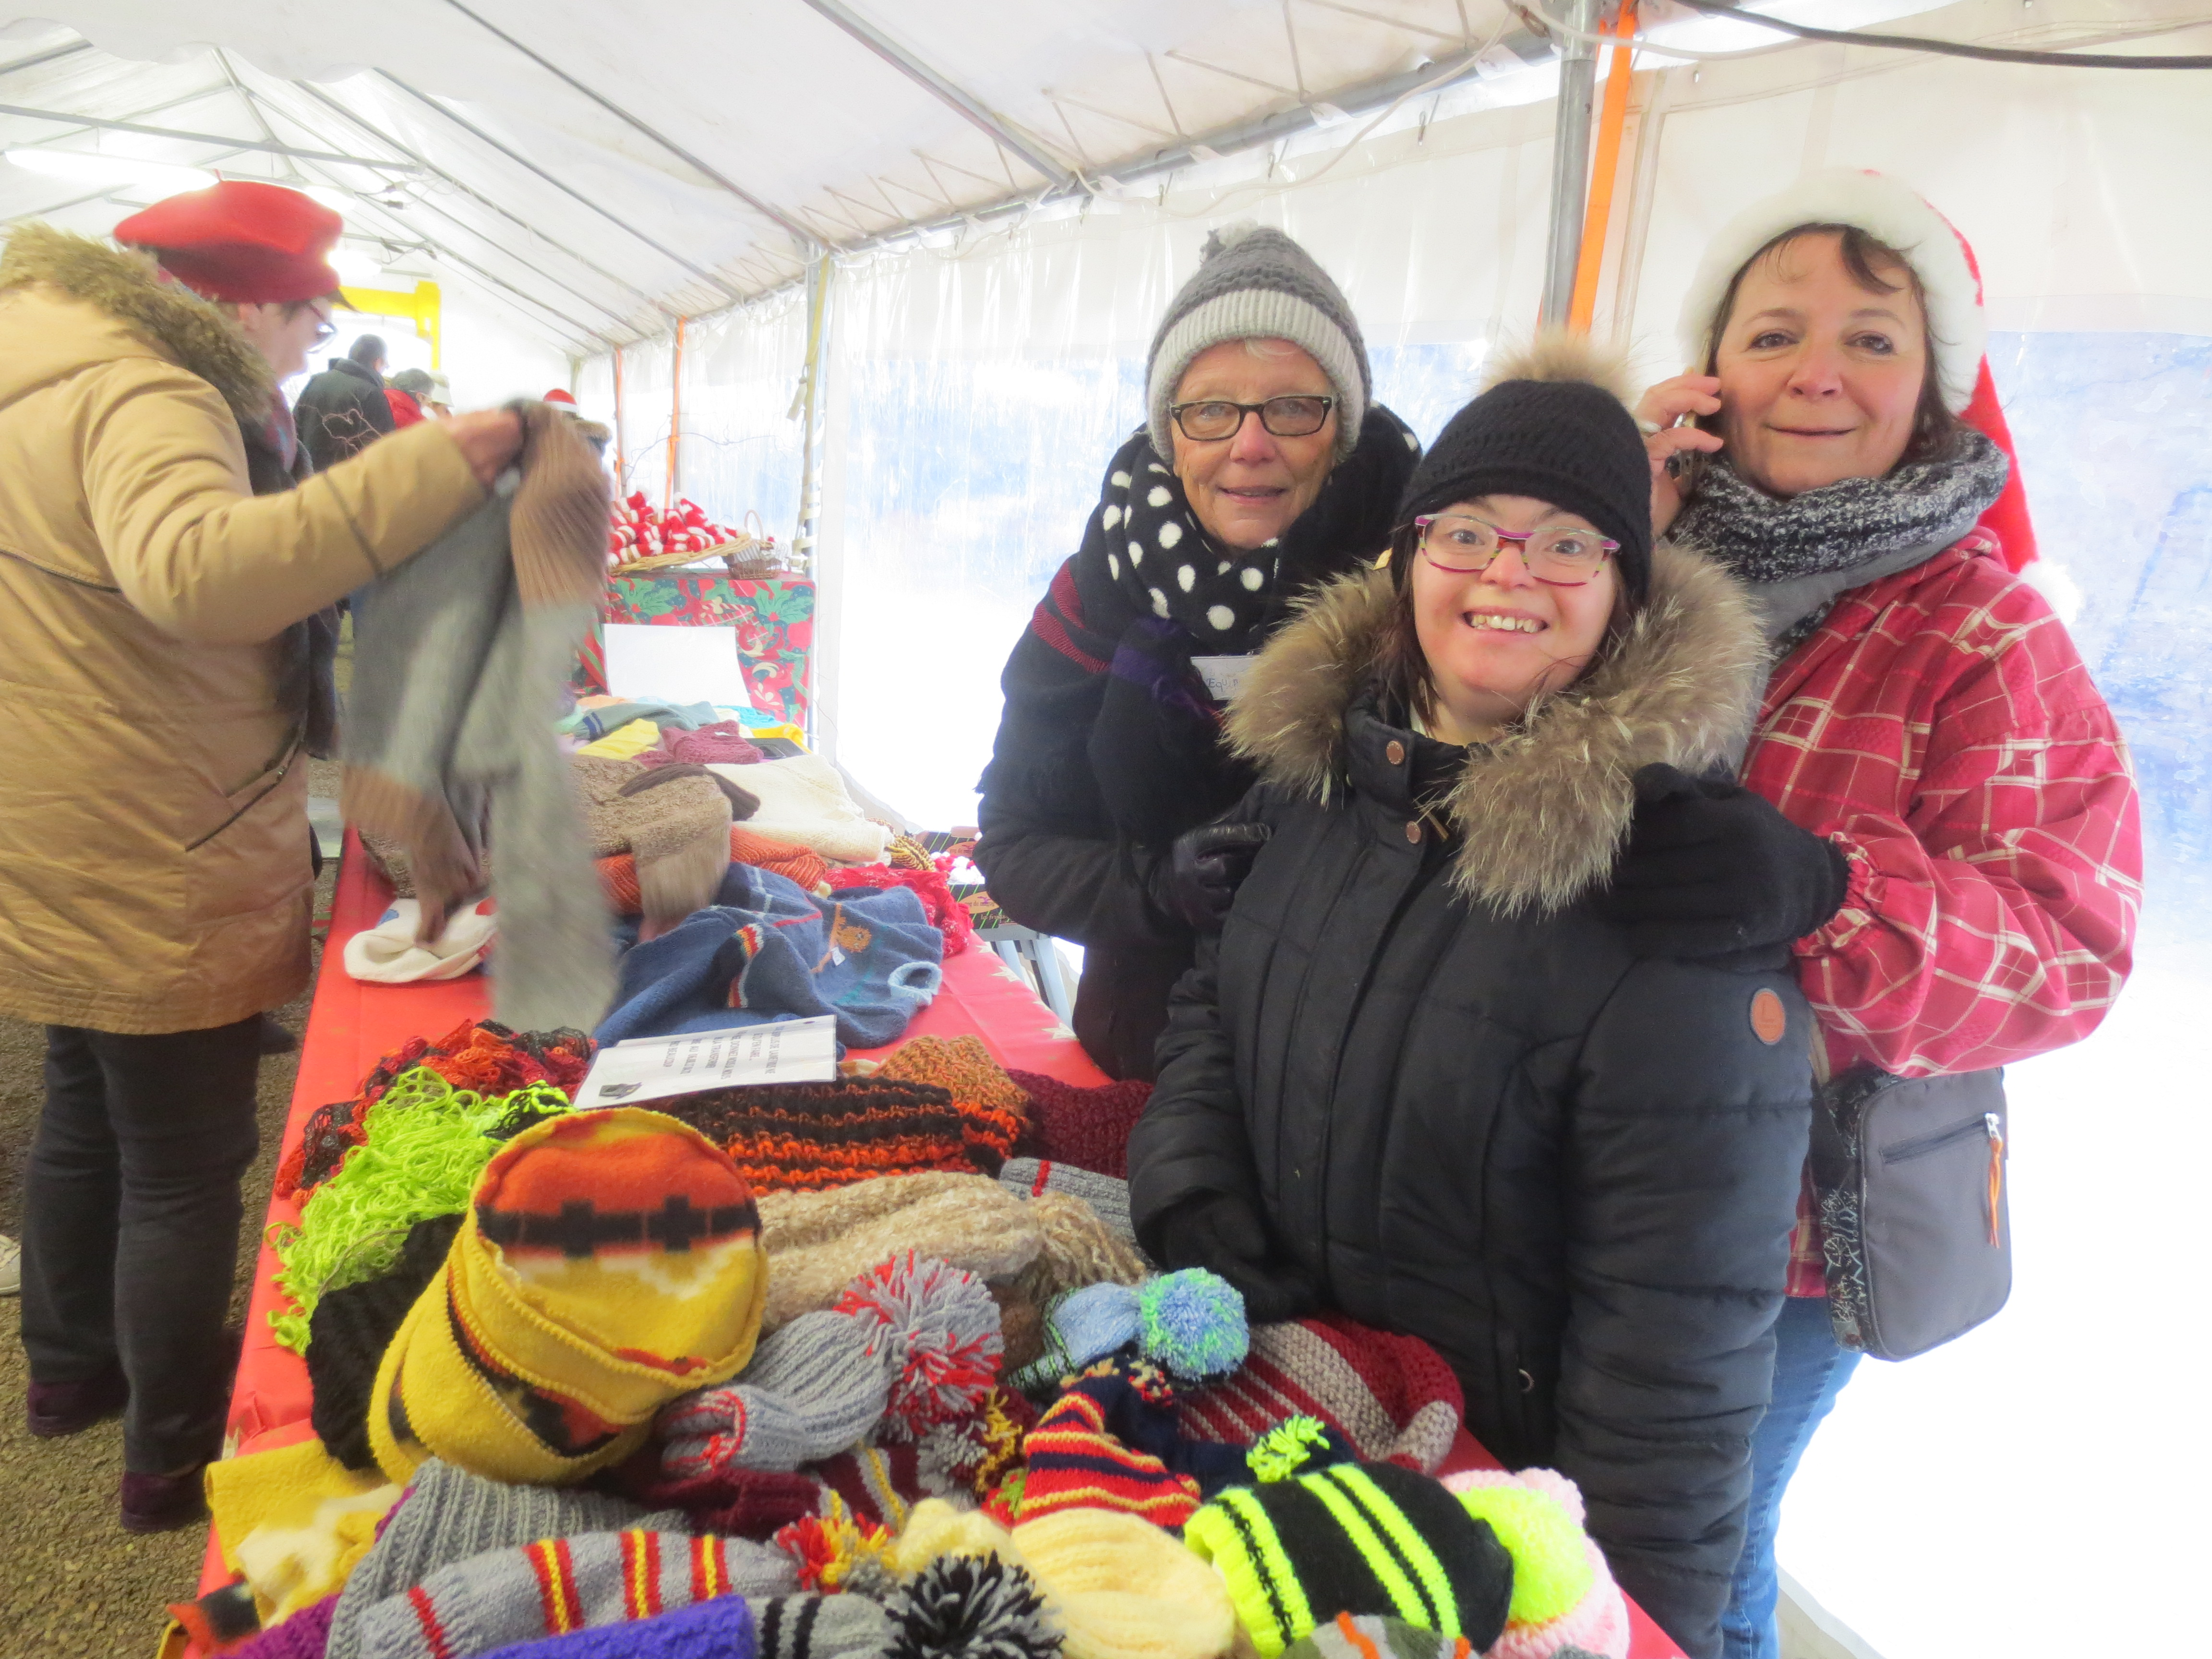 Le samedi, bénévoles et  résidents se cotoyaient pour offrir aux visiteurs autant de belles et bonnes choses